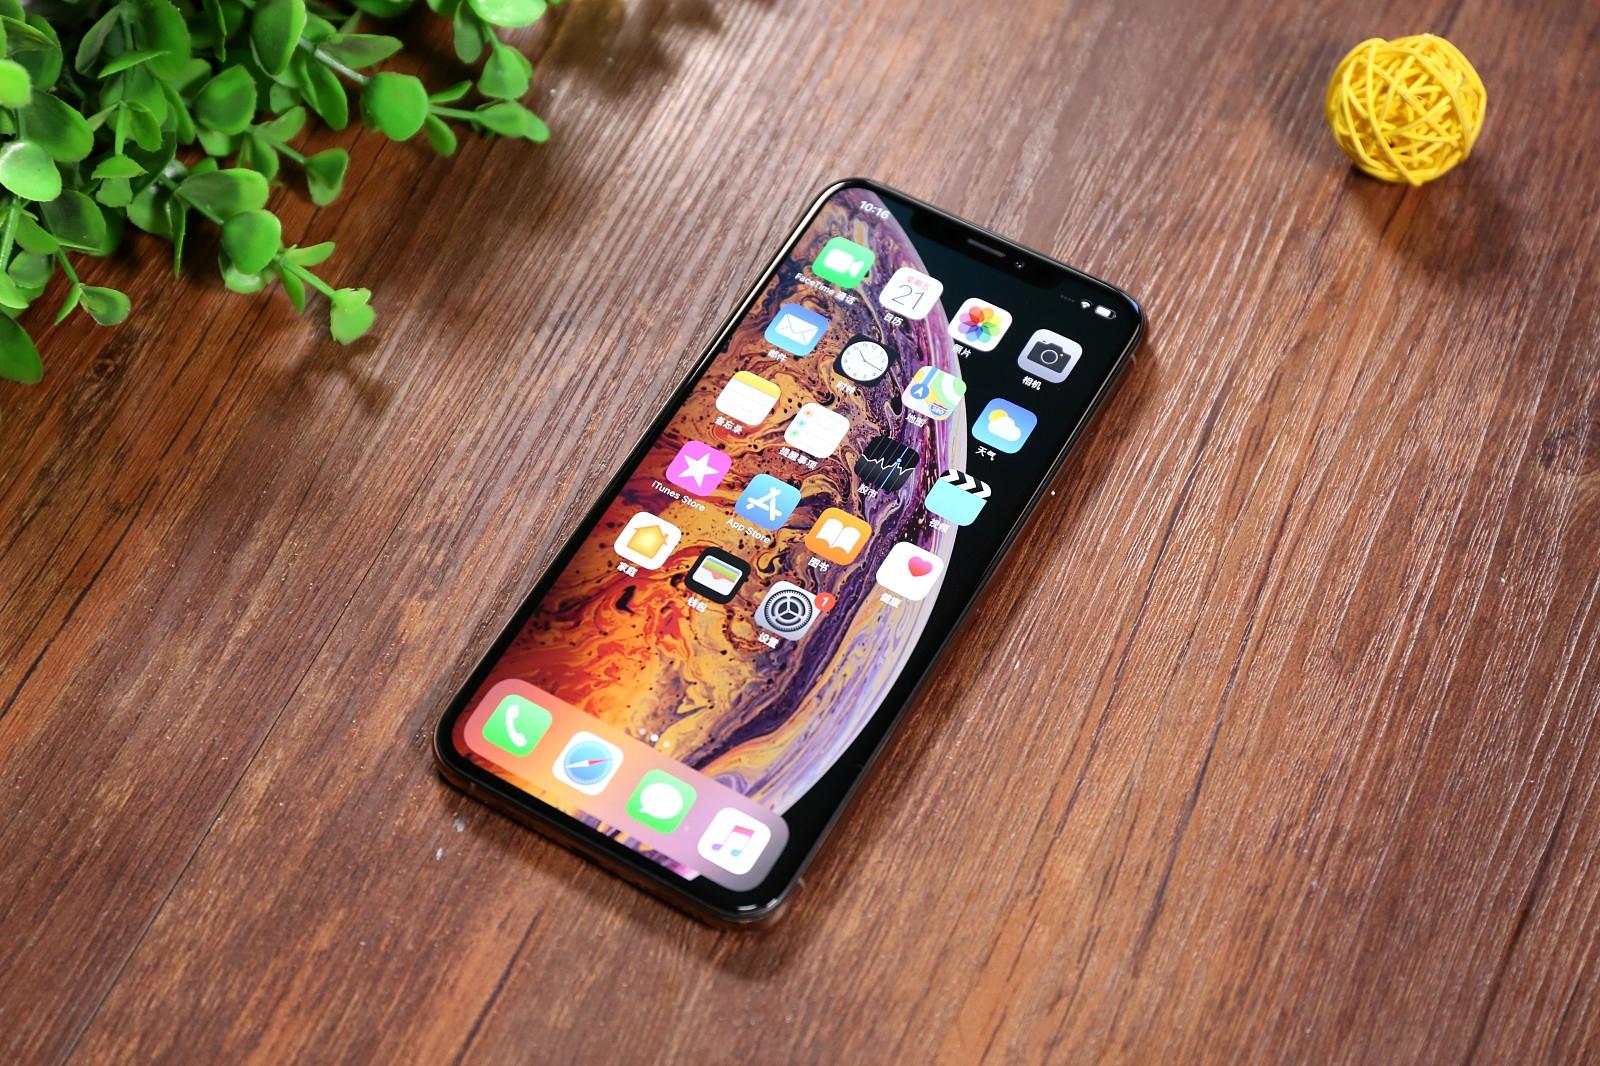 iPhone XS系列热销 富士康9月营收增长30%超1300亿